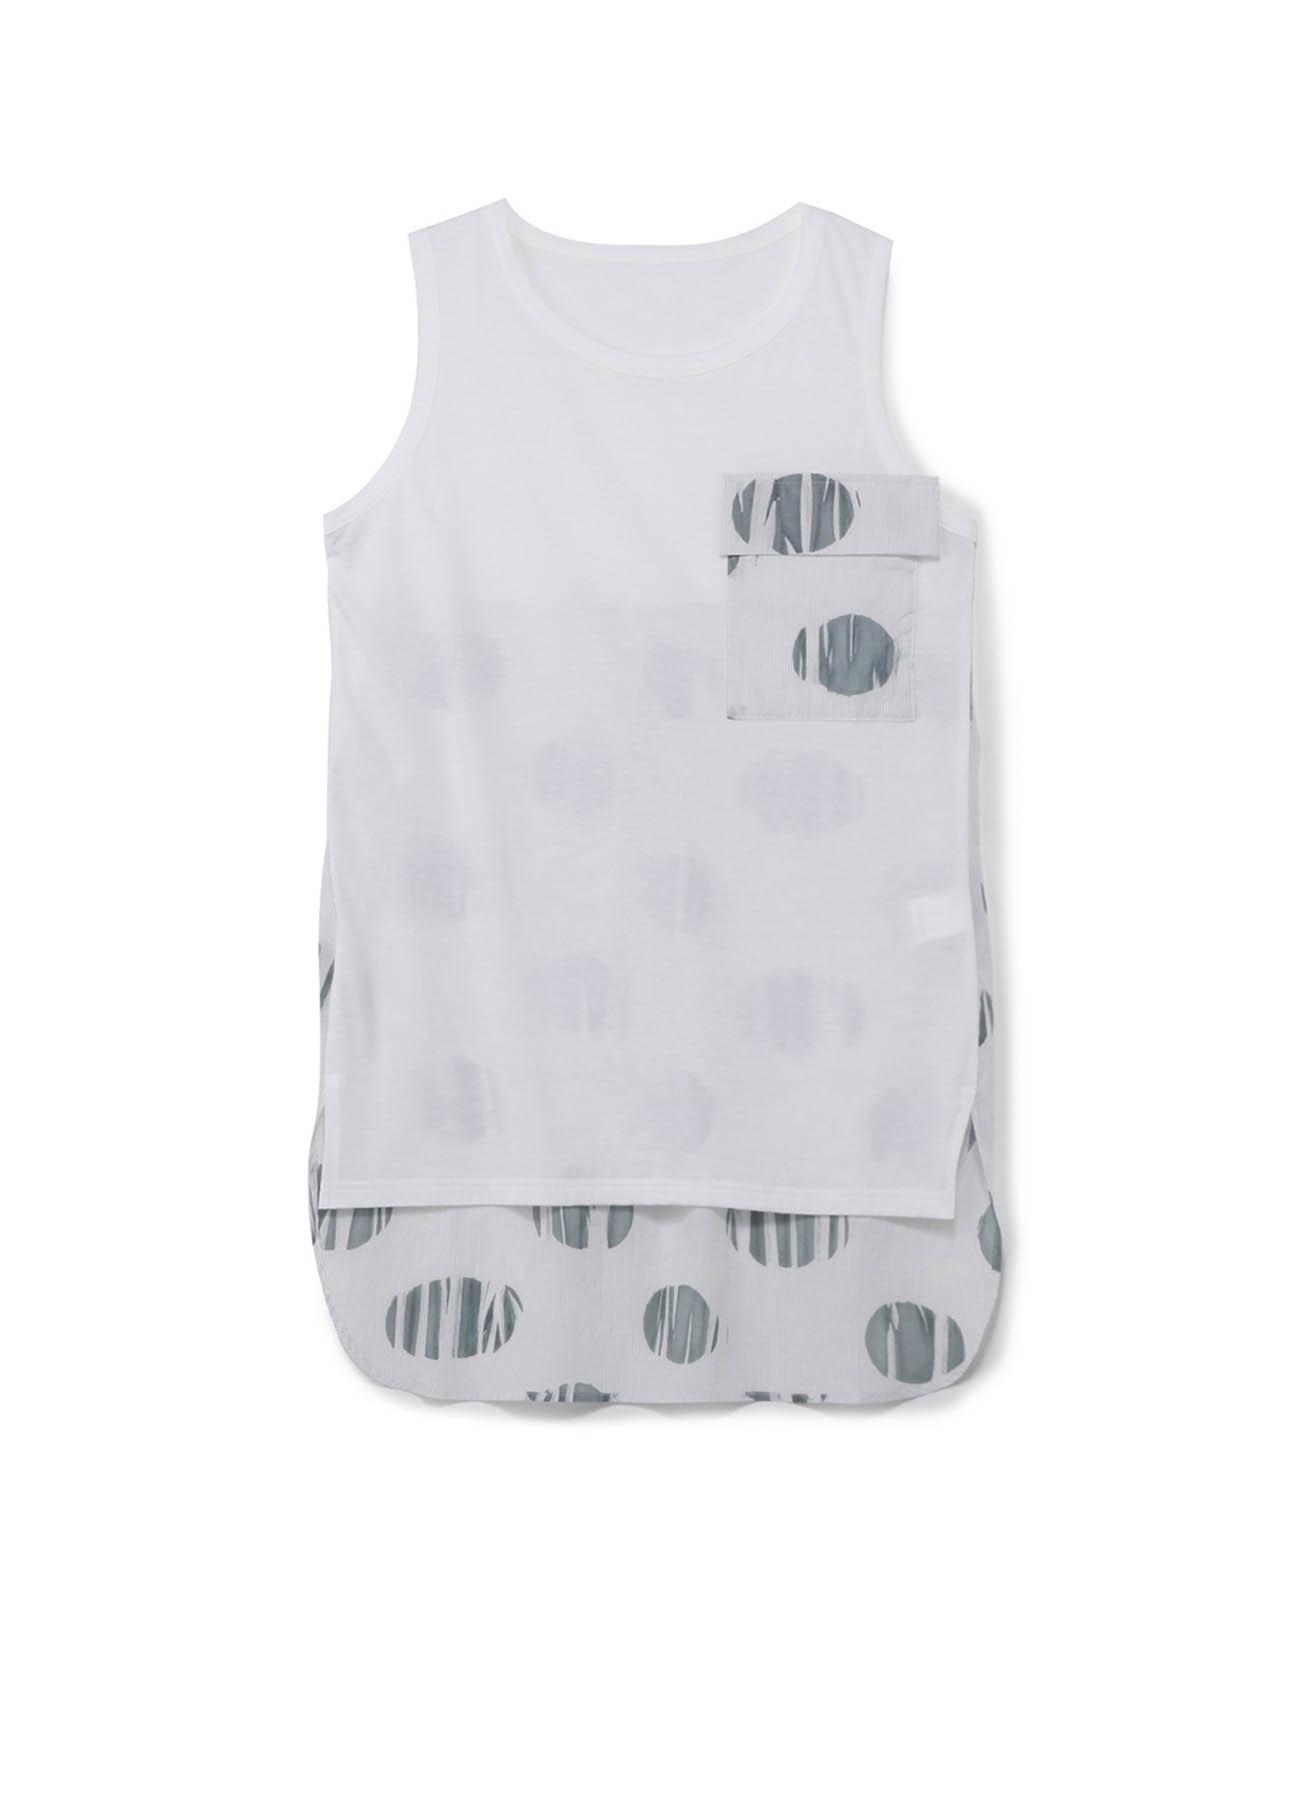 コットン天竺xストライプ絞り水玉プリント フラップポケットノースリーブTシャツ